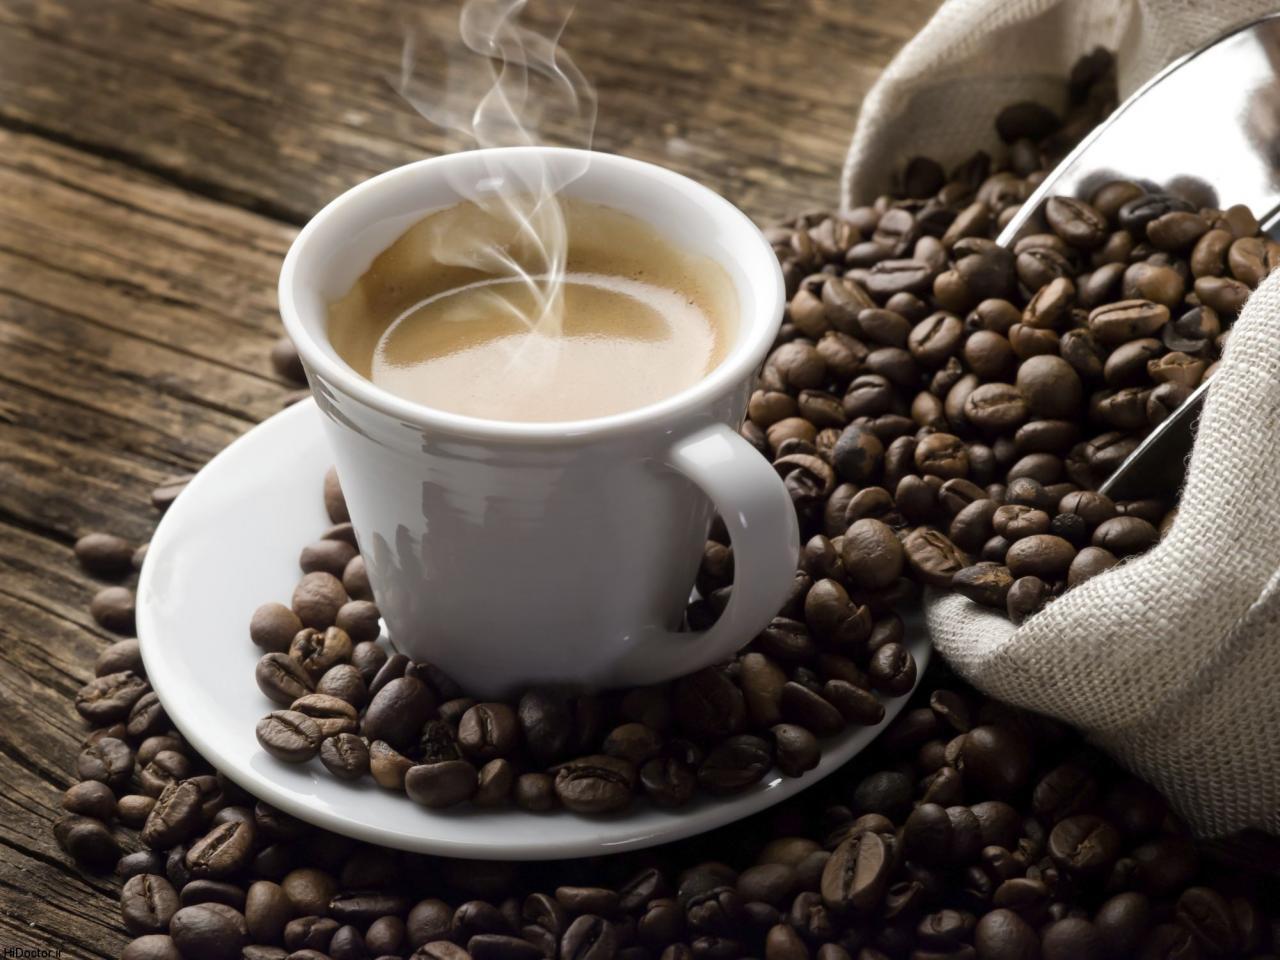 کافئین, خطر مصرف زیاد کافئین برای سلامت چشم ها, رسا نشر - خبر روز